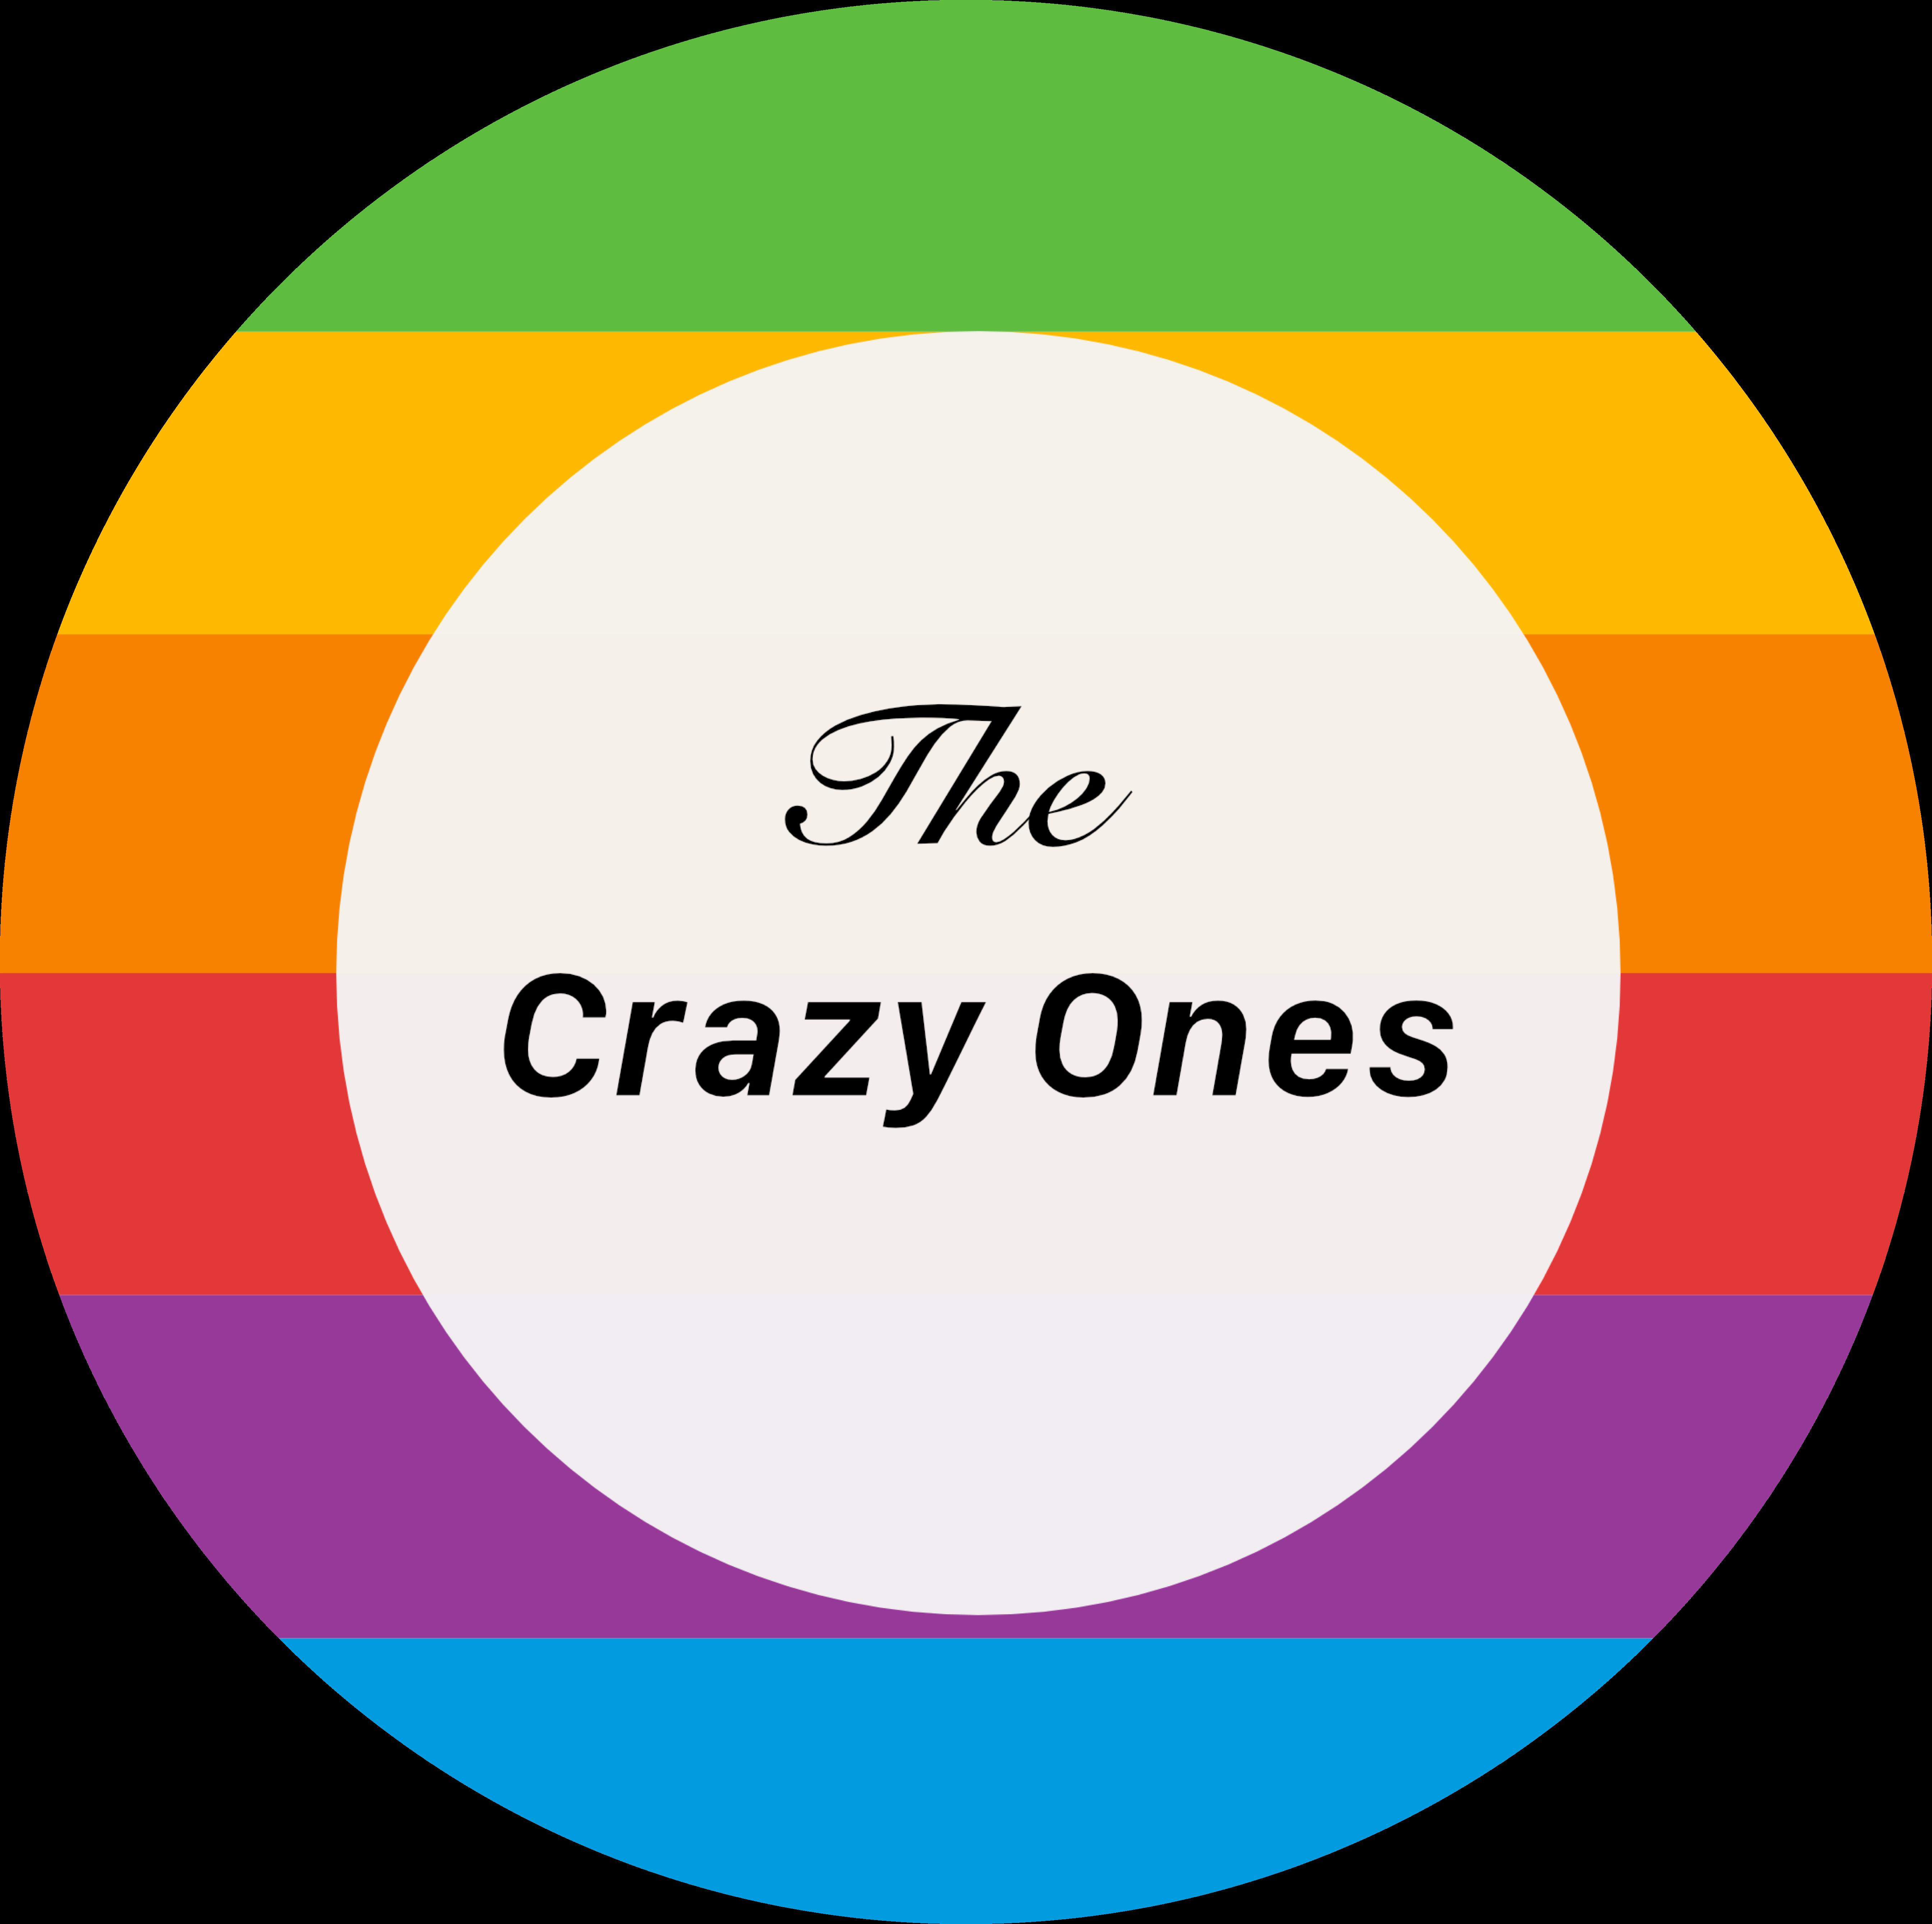 the crazy ones logo